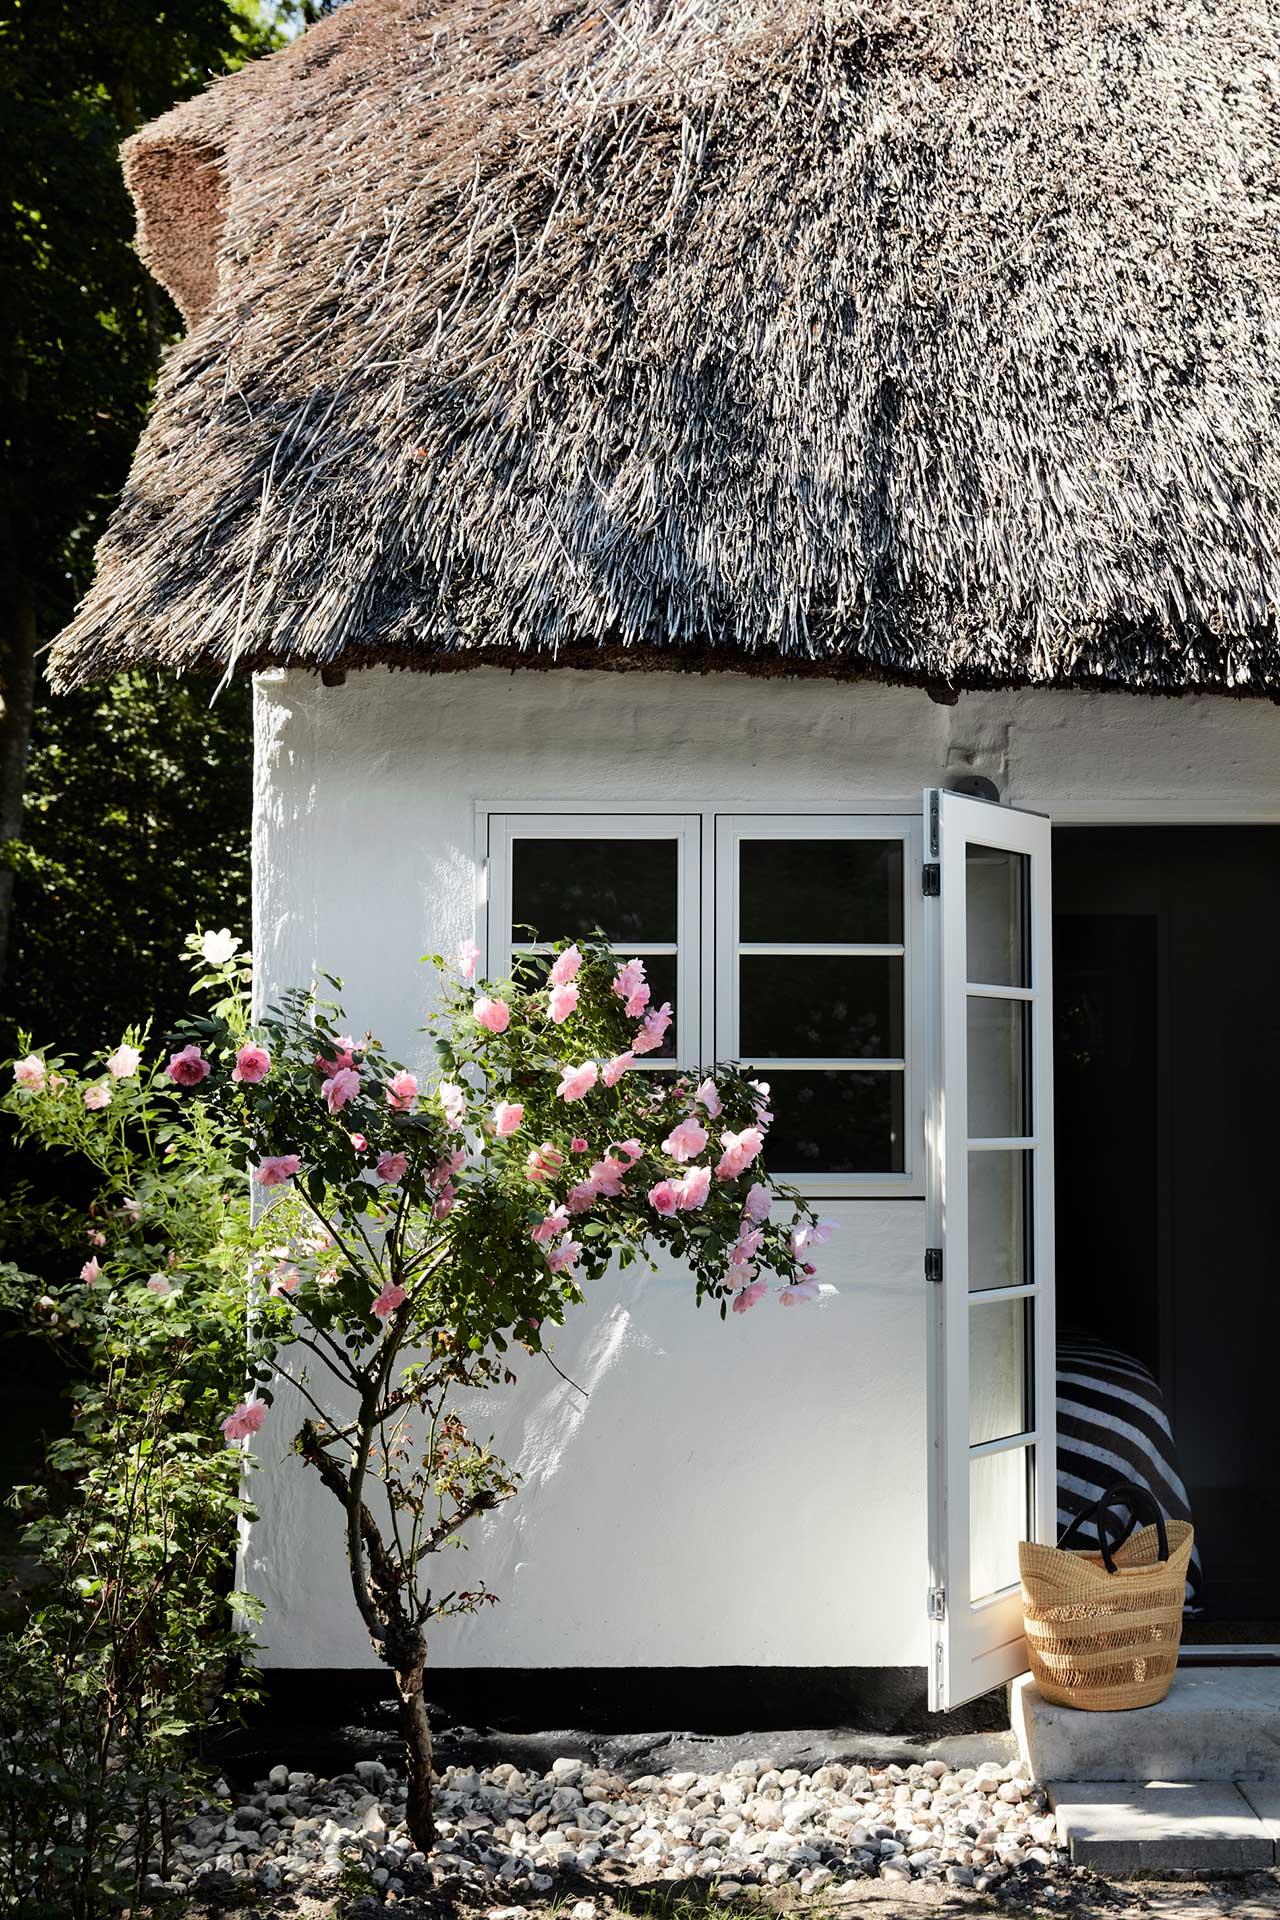 Corner of a cottage